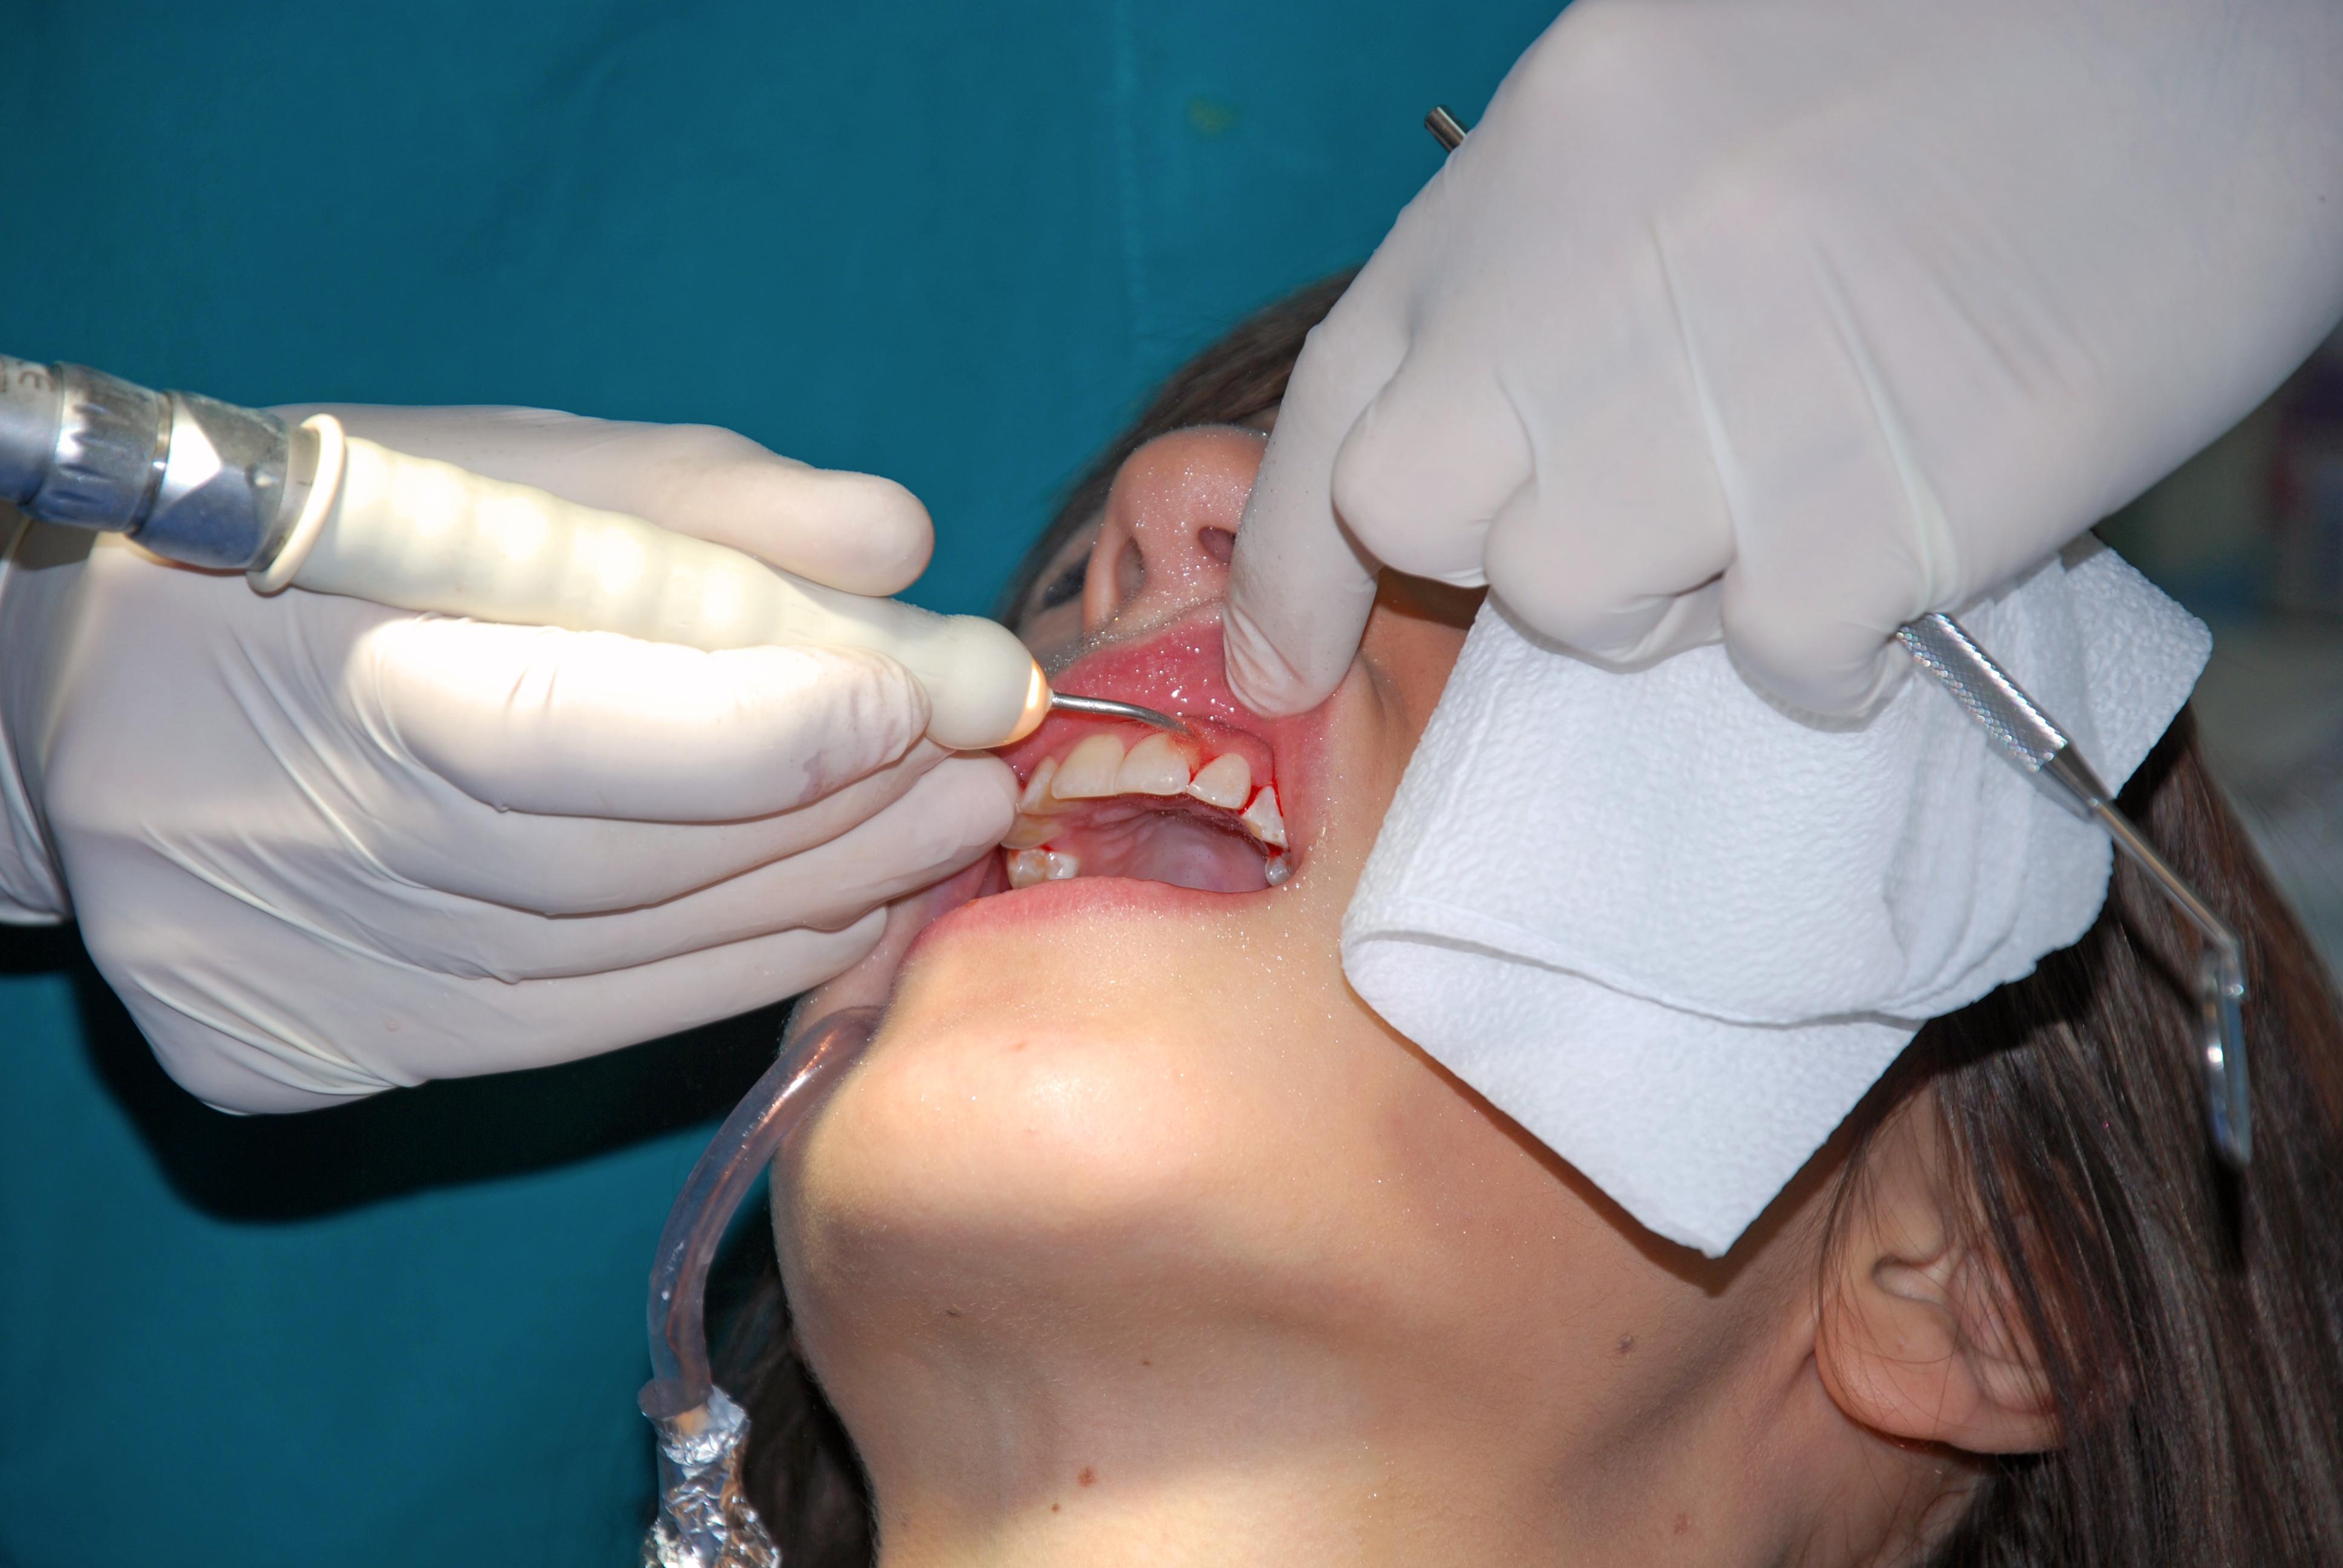 teeth dentist smile health